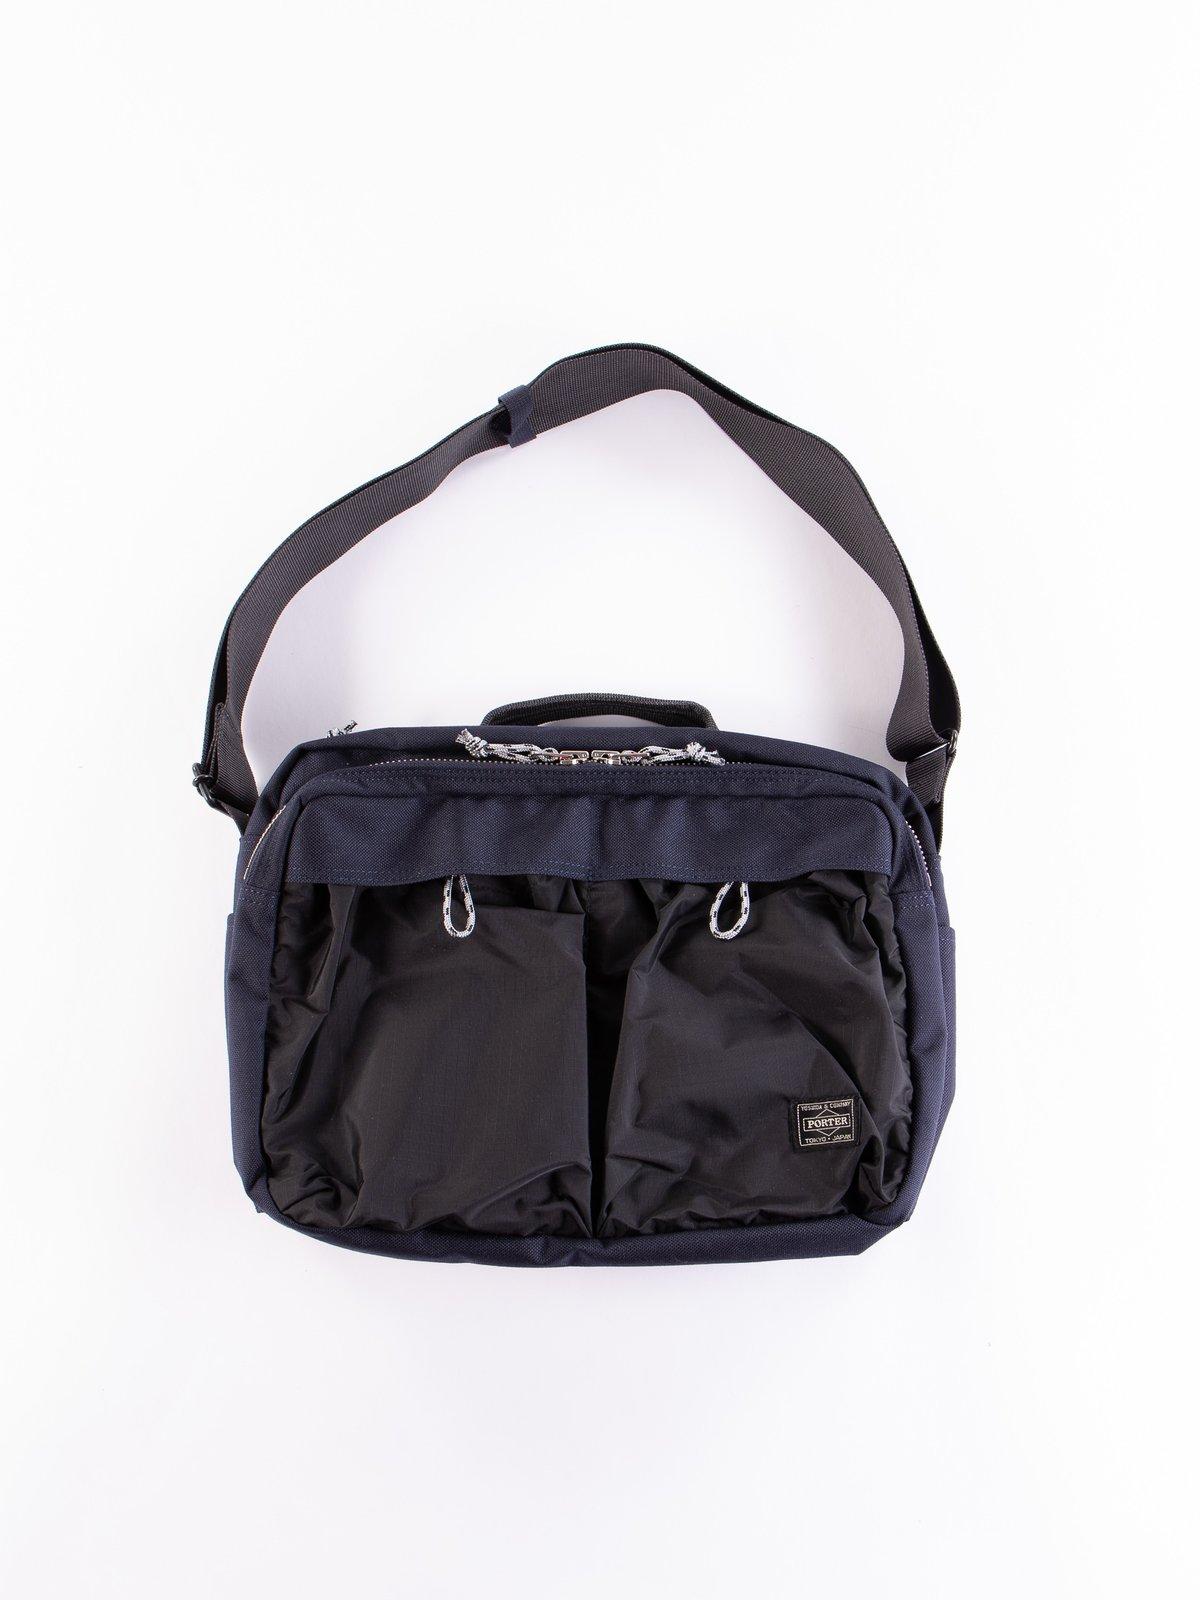 Navy/Black Hype 2Way Shoulder Bag - Image 1